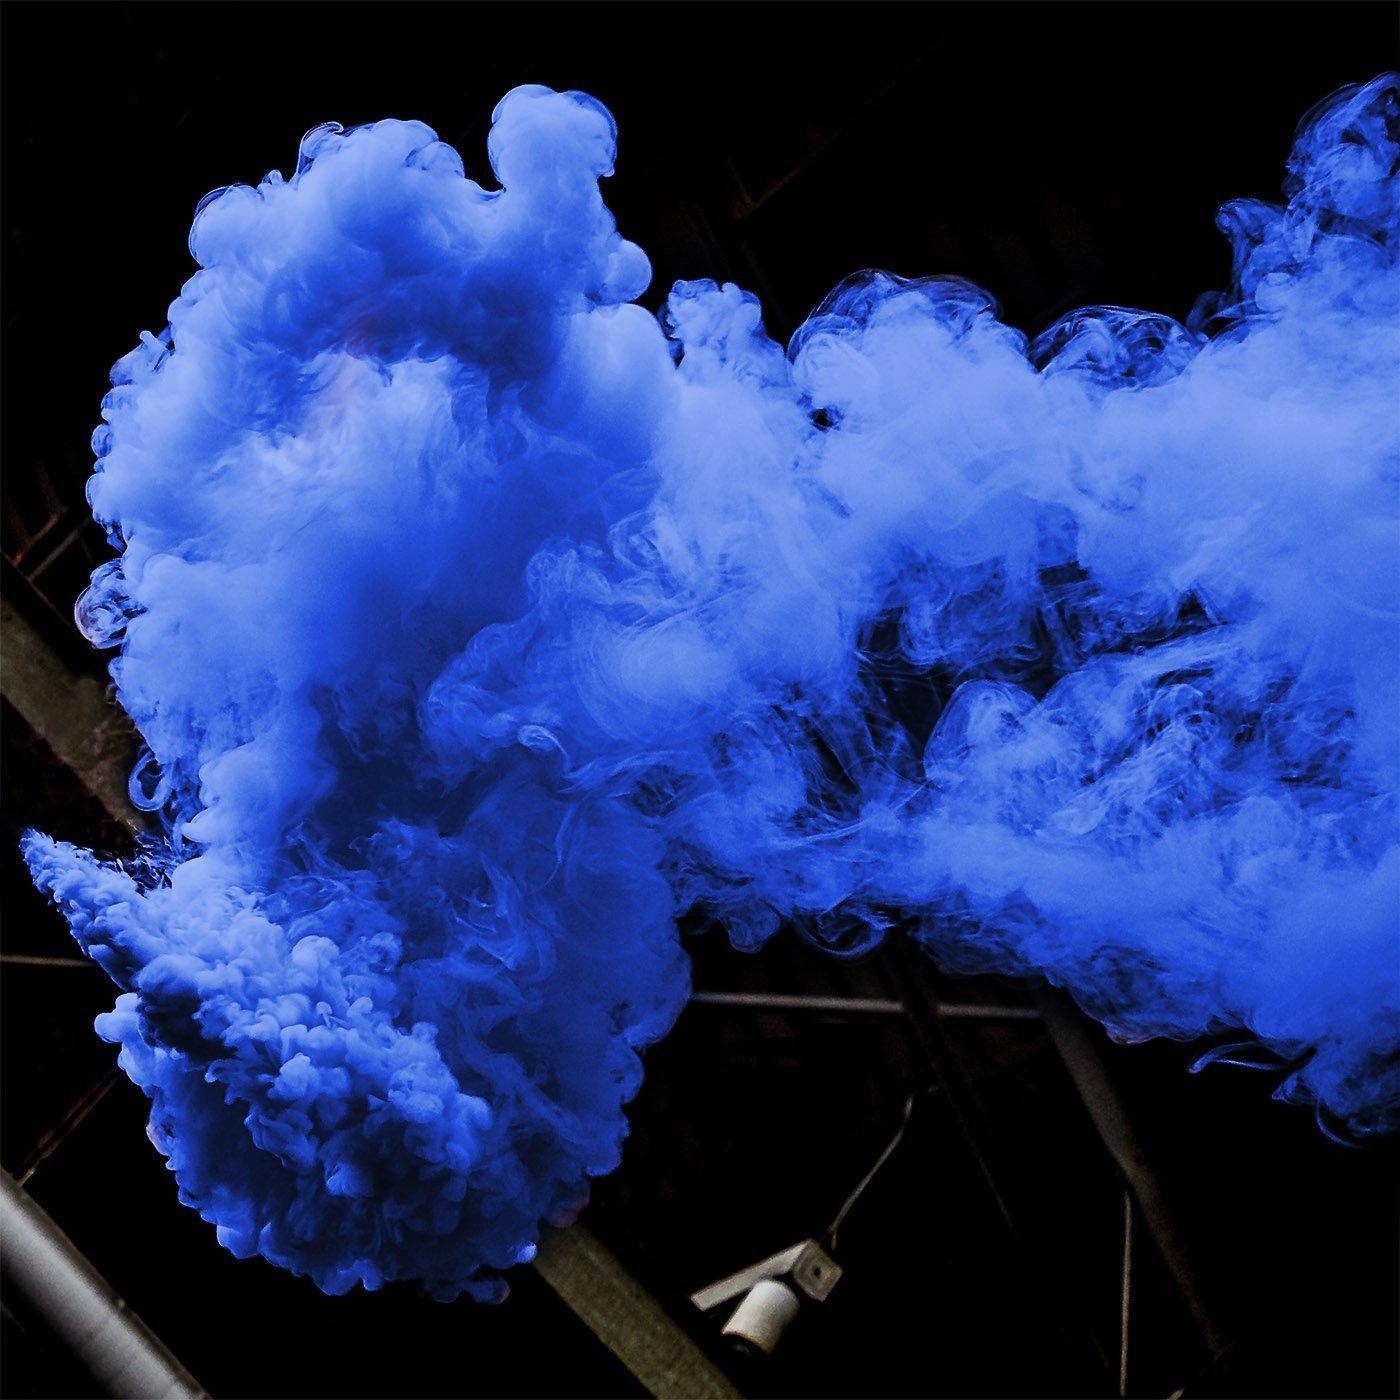 Rauchtopf Blau - Rauchfackel - 4 facher Rauch thumbnail